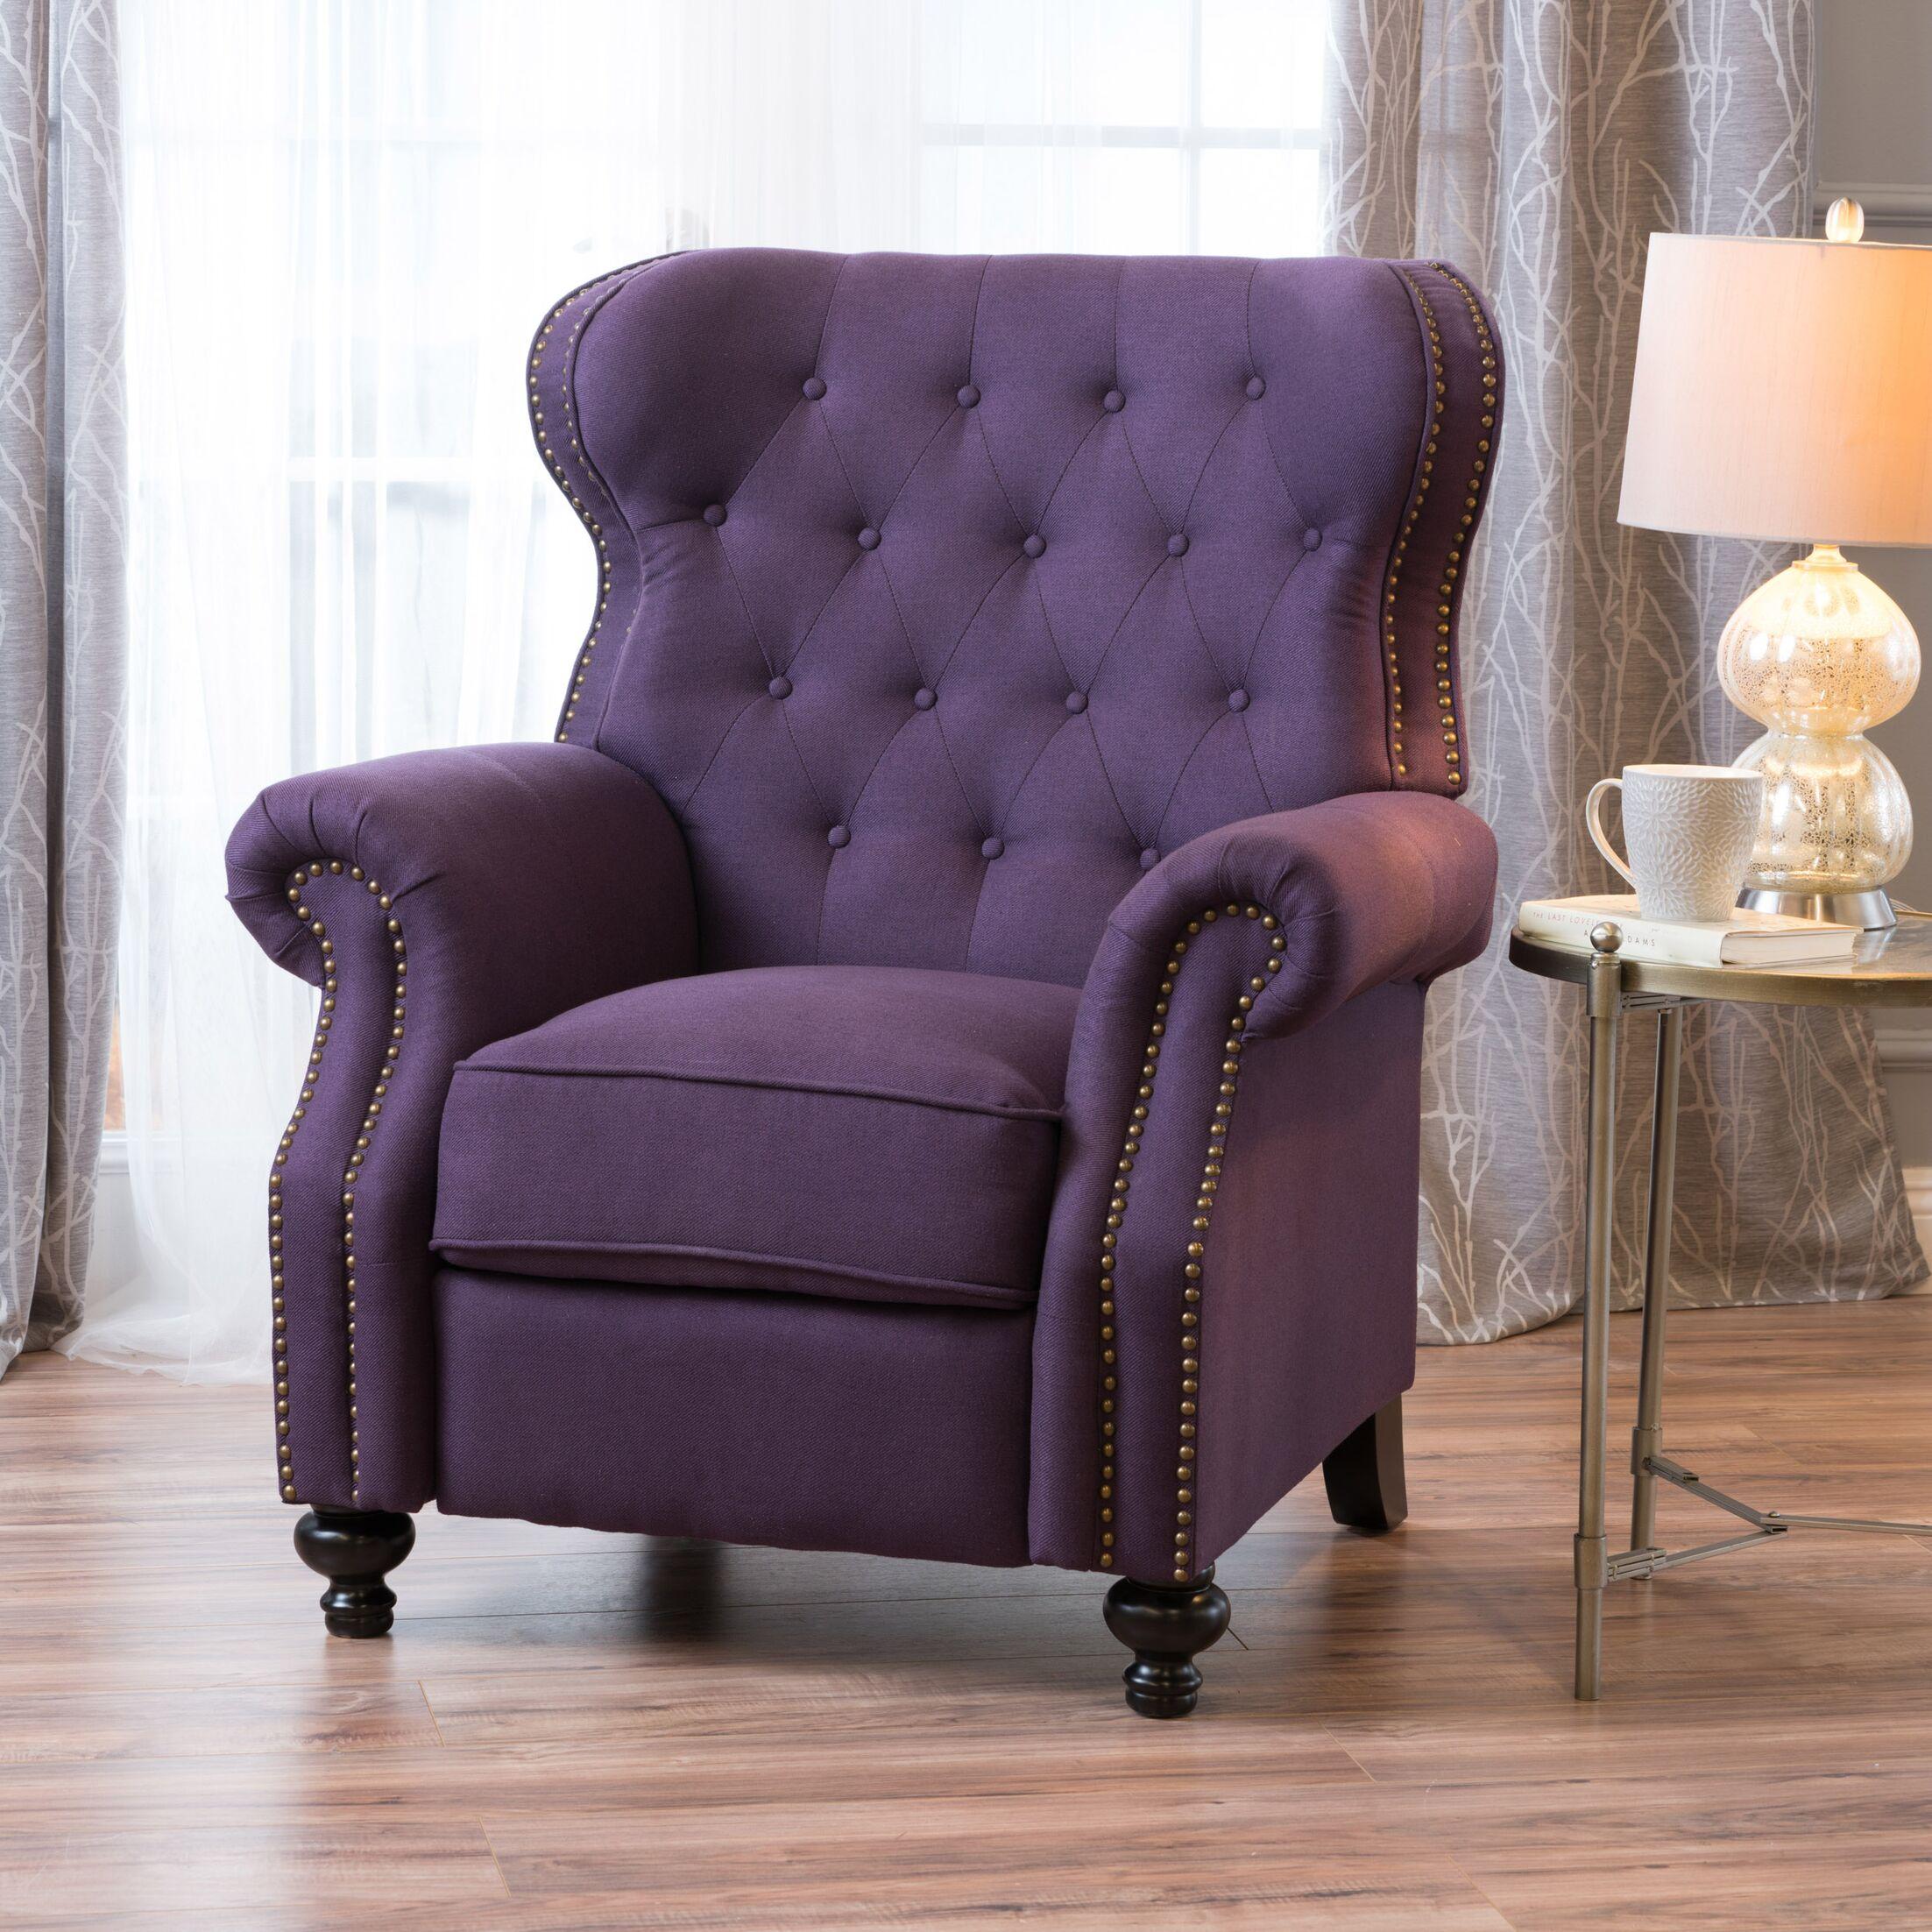 Leverette Recliner Upholstery: Plum